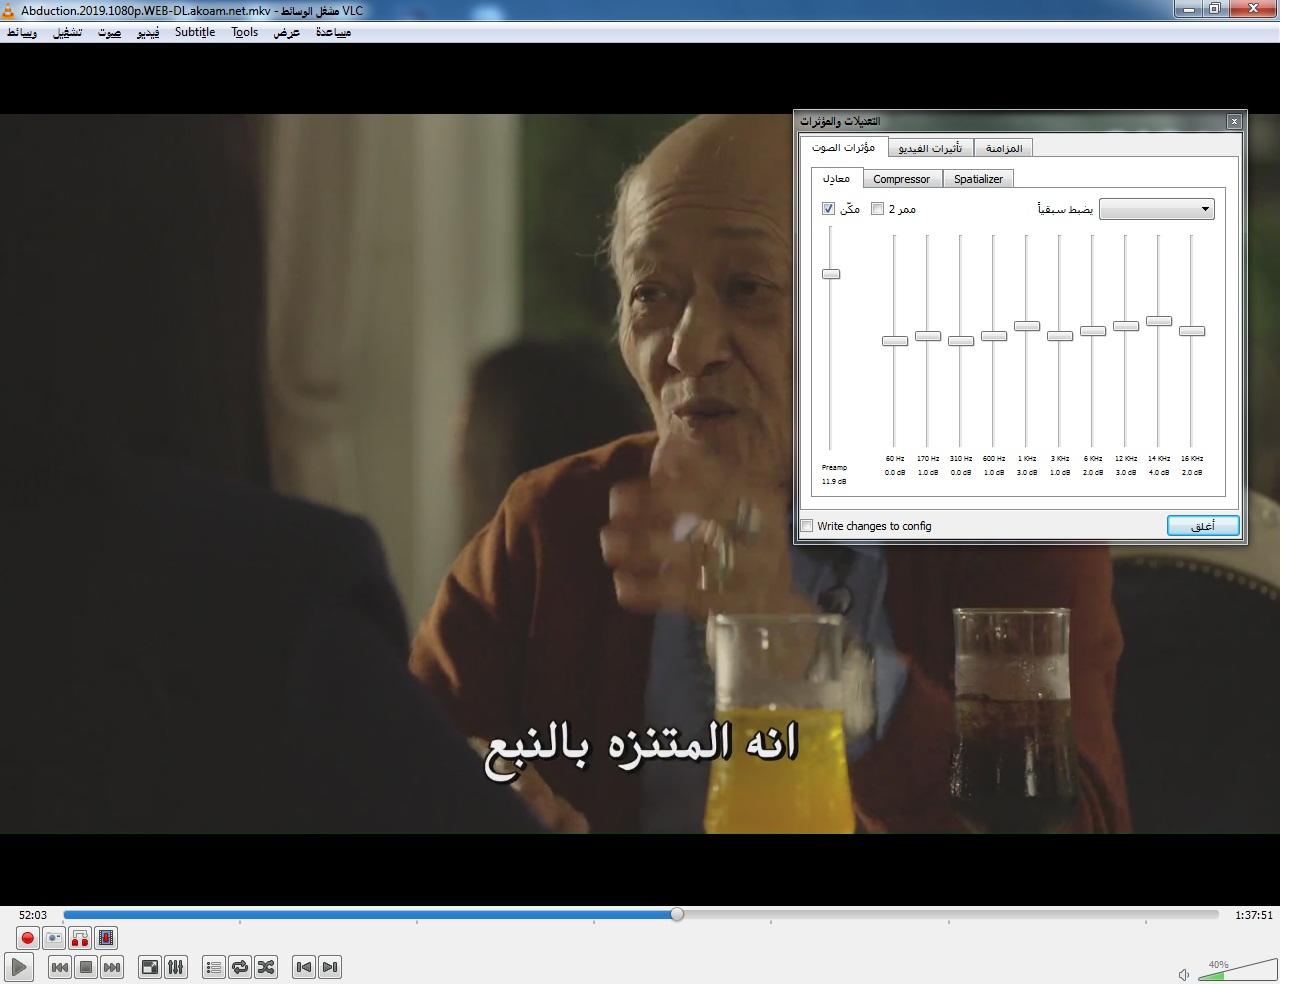 اعدادات الصوت فى برنامج VLC